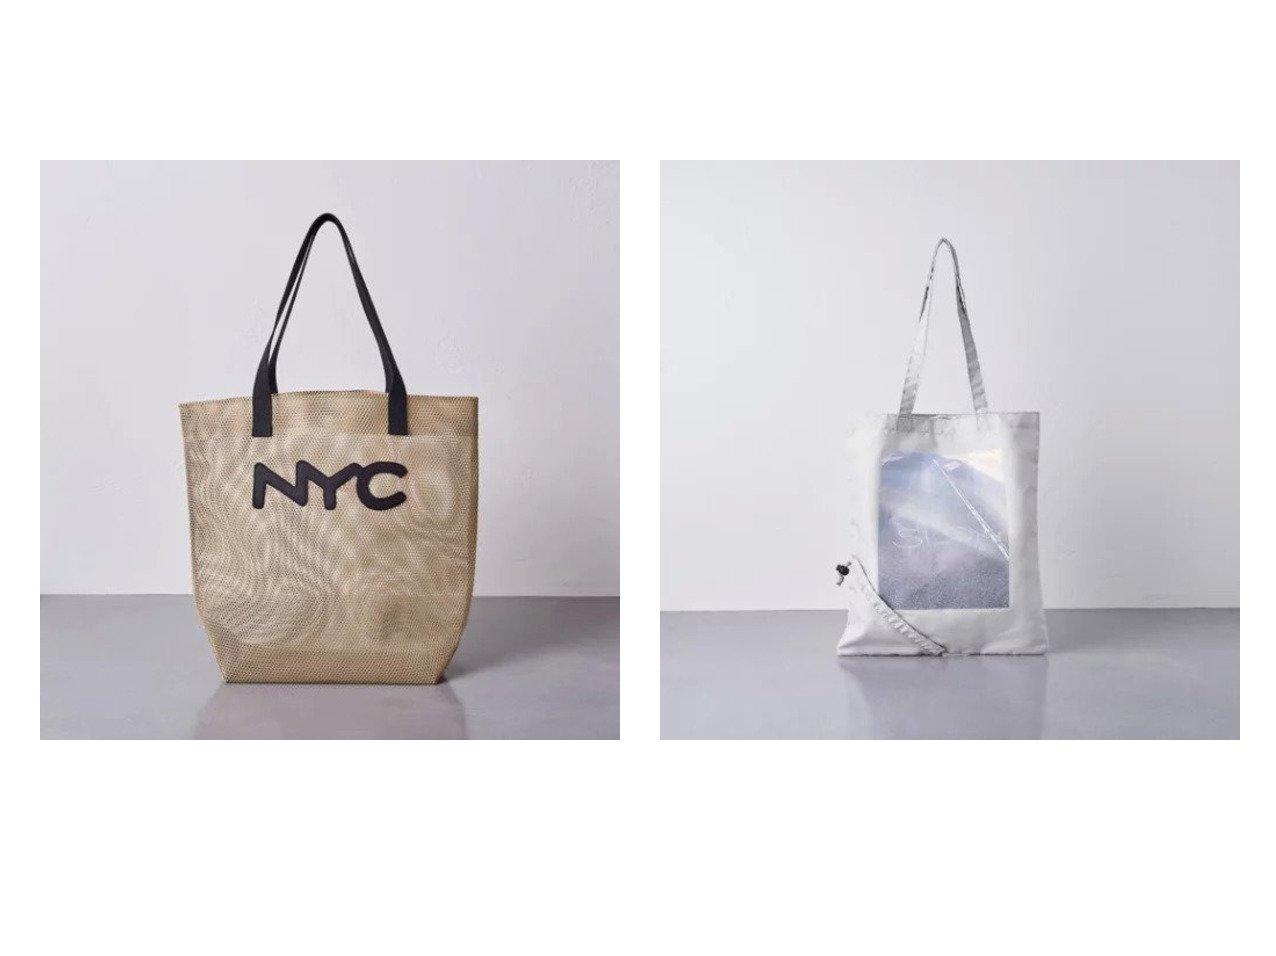 【UNITED ARROWS/ユナイテッドアローズ】のPOCKETABLE BAG-united LOVE project 2021†&メッシュ トートバッグ BEIGE 【バッグ・鞄】おすすめ!人気、トレンド・レディースファッションの通販 おすすめで人気の流行・トレンド、ファッションの通販商品 インテリア・家具・メンズファッション・キッズファッション・レディースファッション・服の通販 founy(ファニー) https://founy.com/ ファッション Fashion レディースファッション WOMEN バッグ Bag S/S・春夏 SS・Spring/Summer ハンド ベーシック メッシュ 夏 Summer 春 Spring コンパクト シューズ 人気 犬 Dog  ID:crp329100000048175